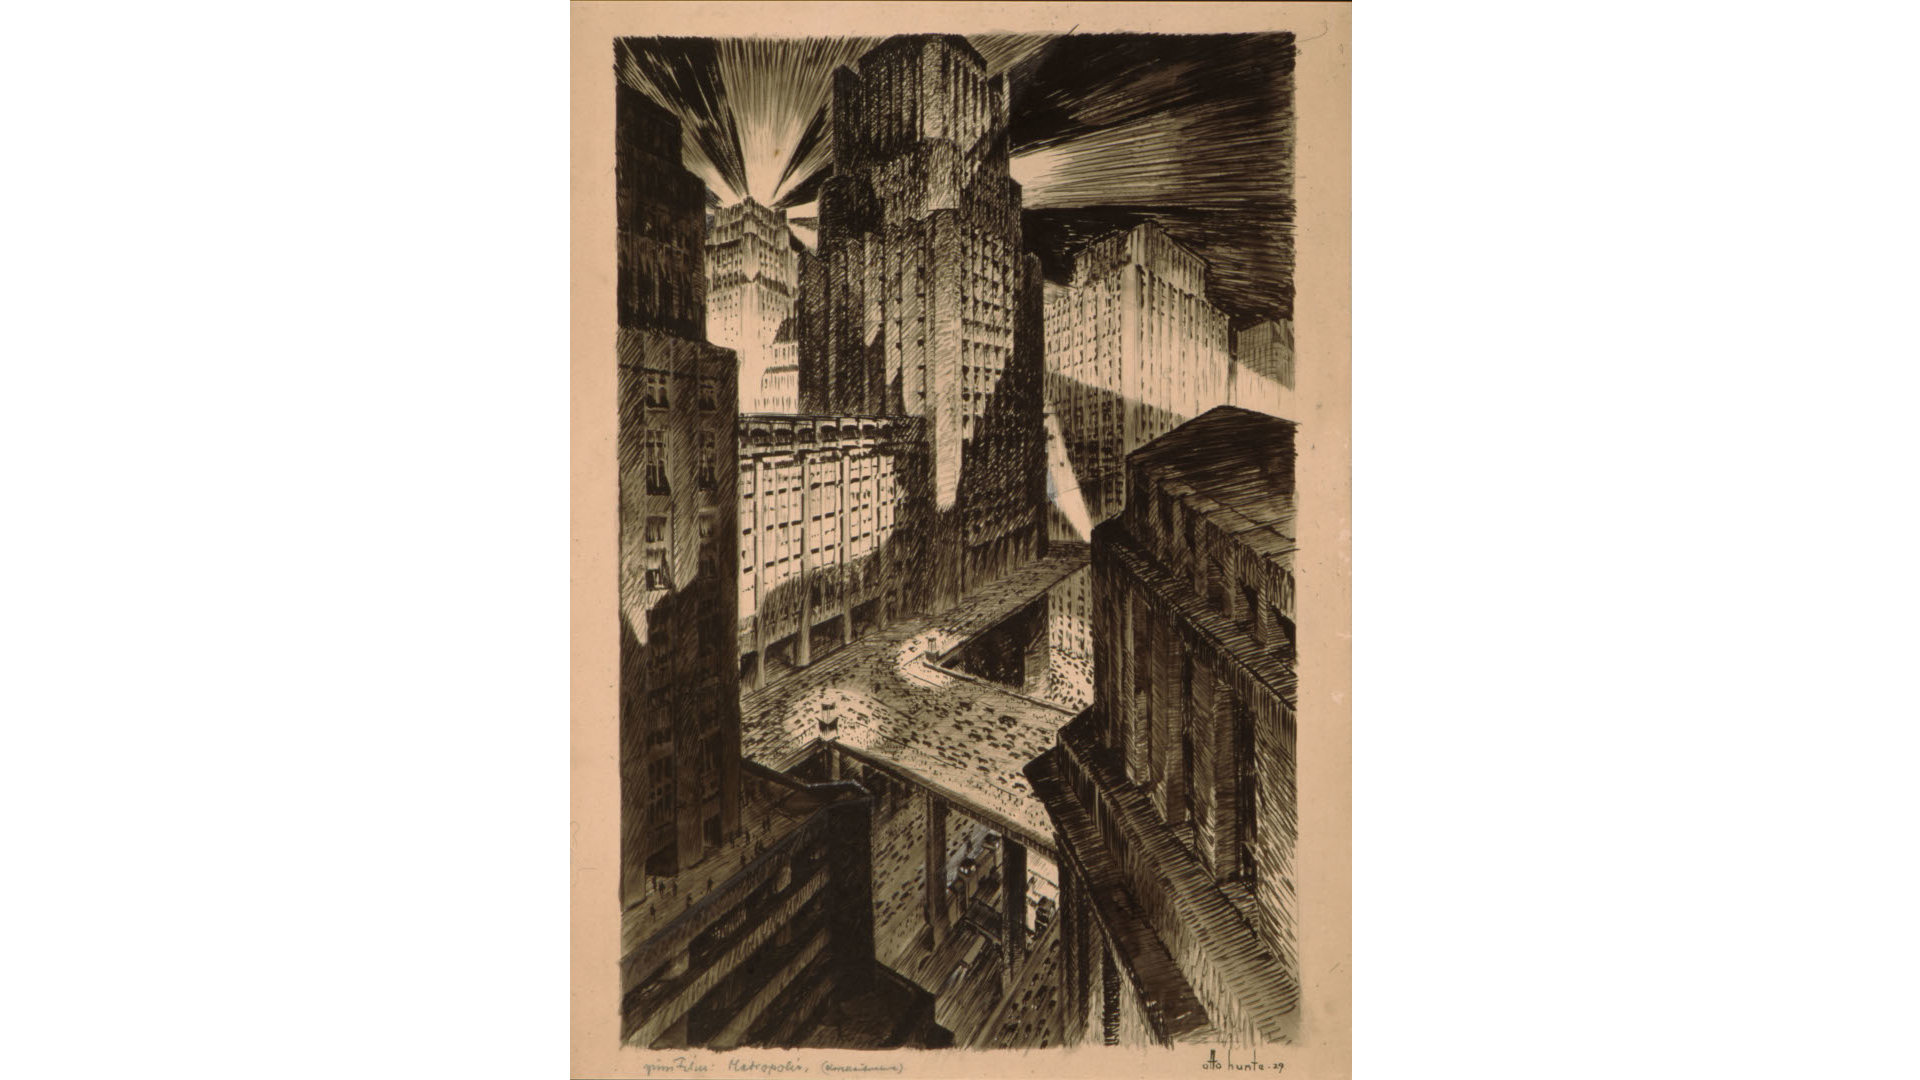 Entwurf zu METROPOLIS, von Otto Hunte auf 1929 datiert. DFF – Deutsches Filminstitut & Filmmuseum, Frankfurt am Main / Nachlass Otto Hunte